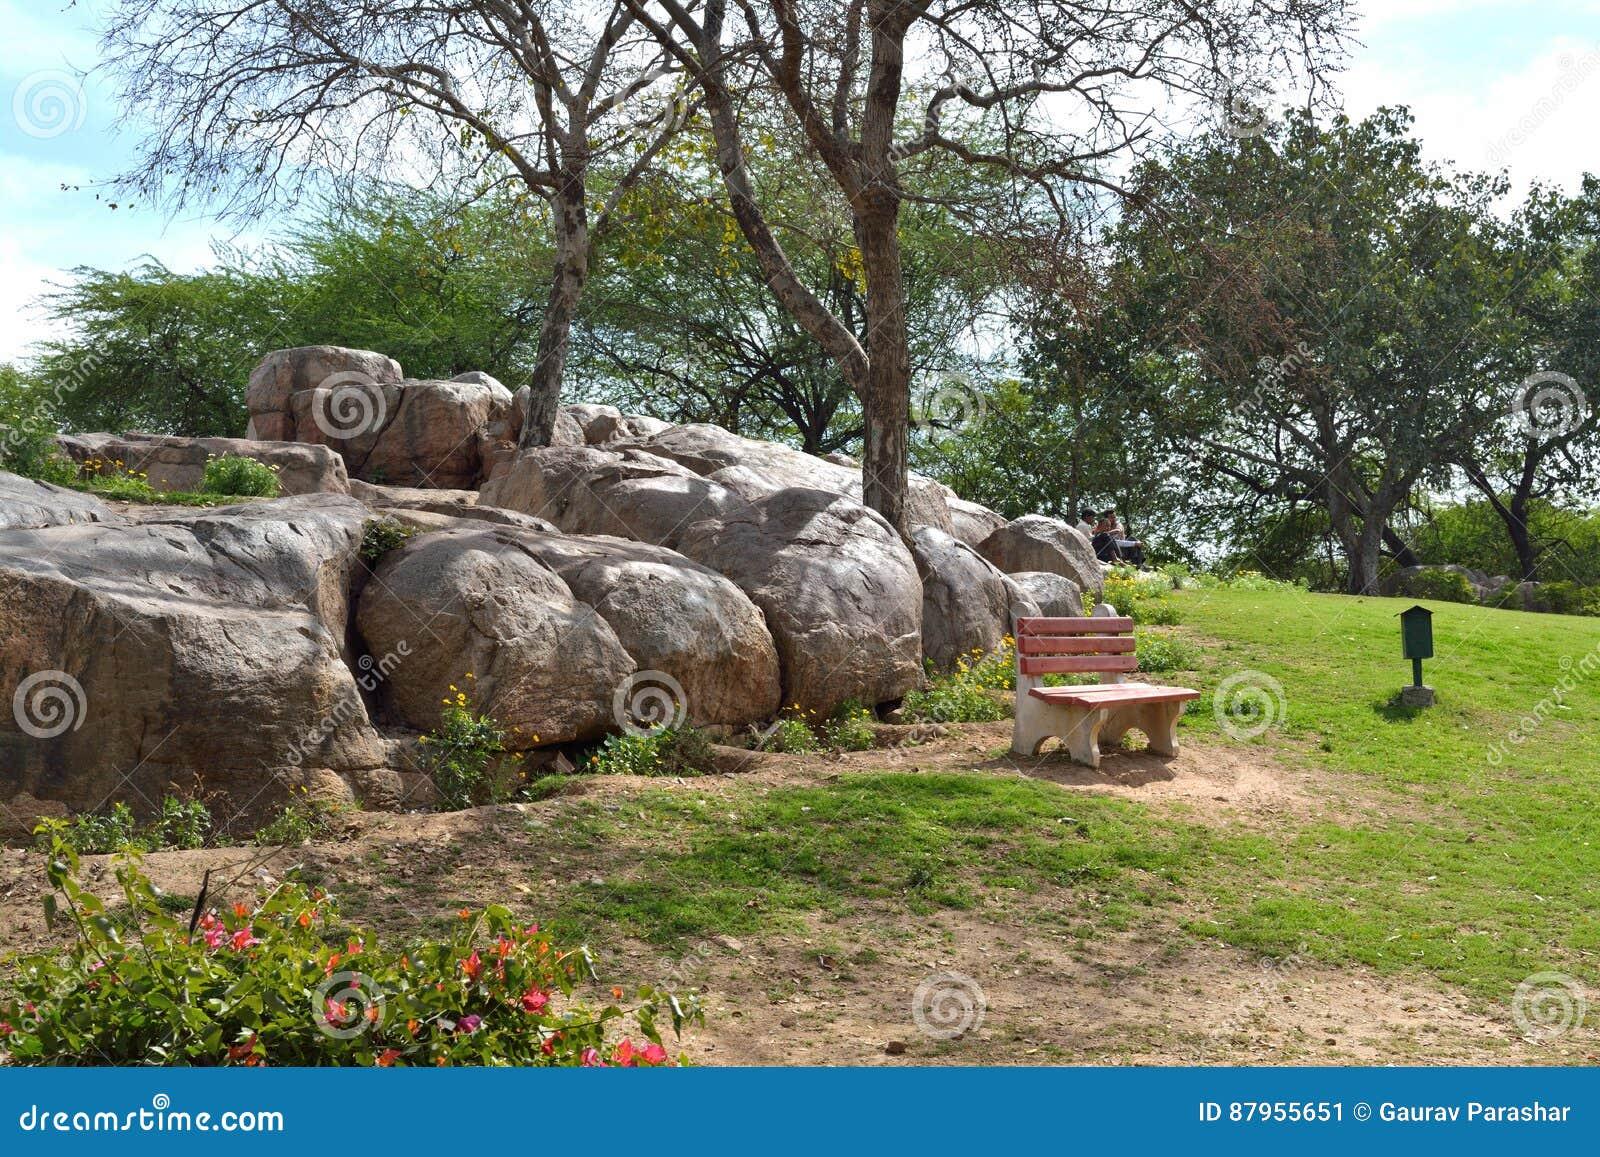 Rocce In Giardino.Giardino Delle Rocce Immagine Stock Immagine Di Prati